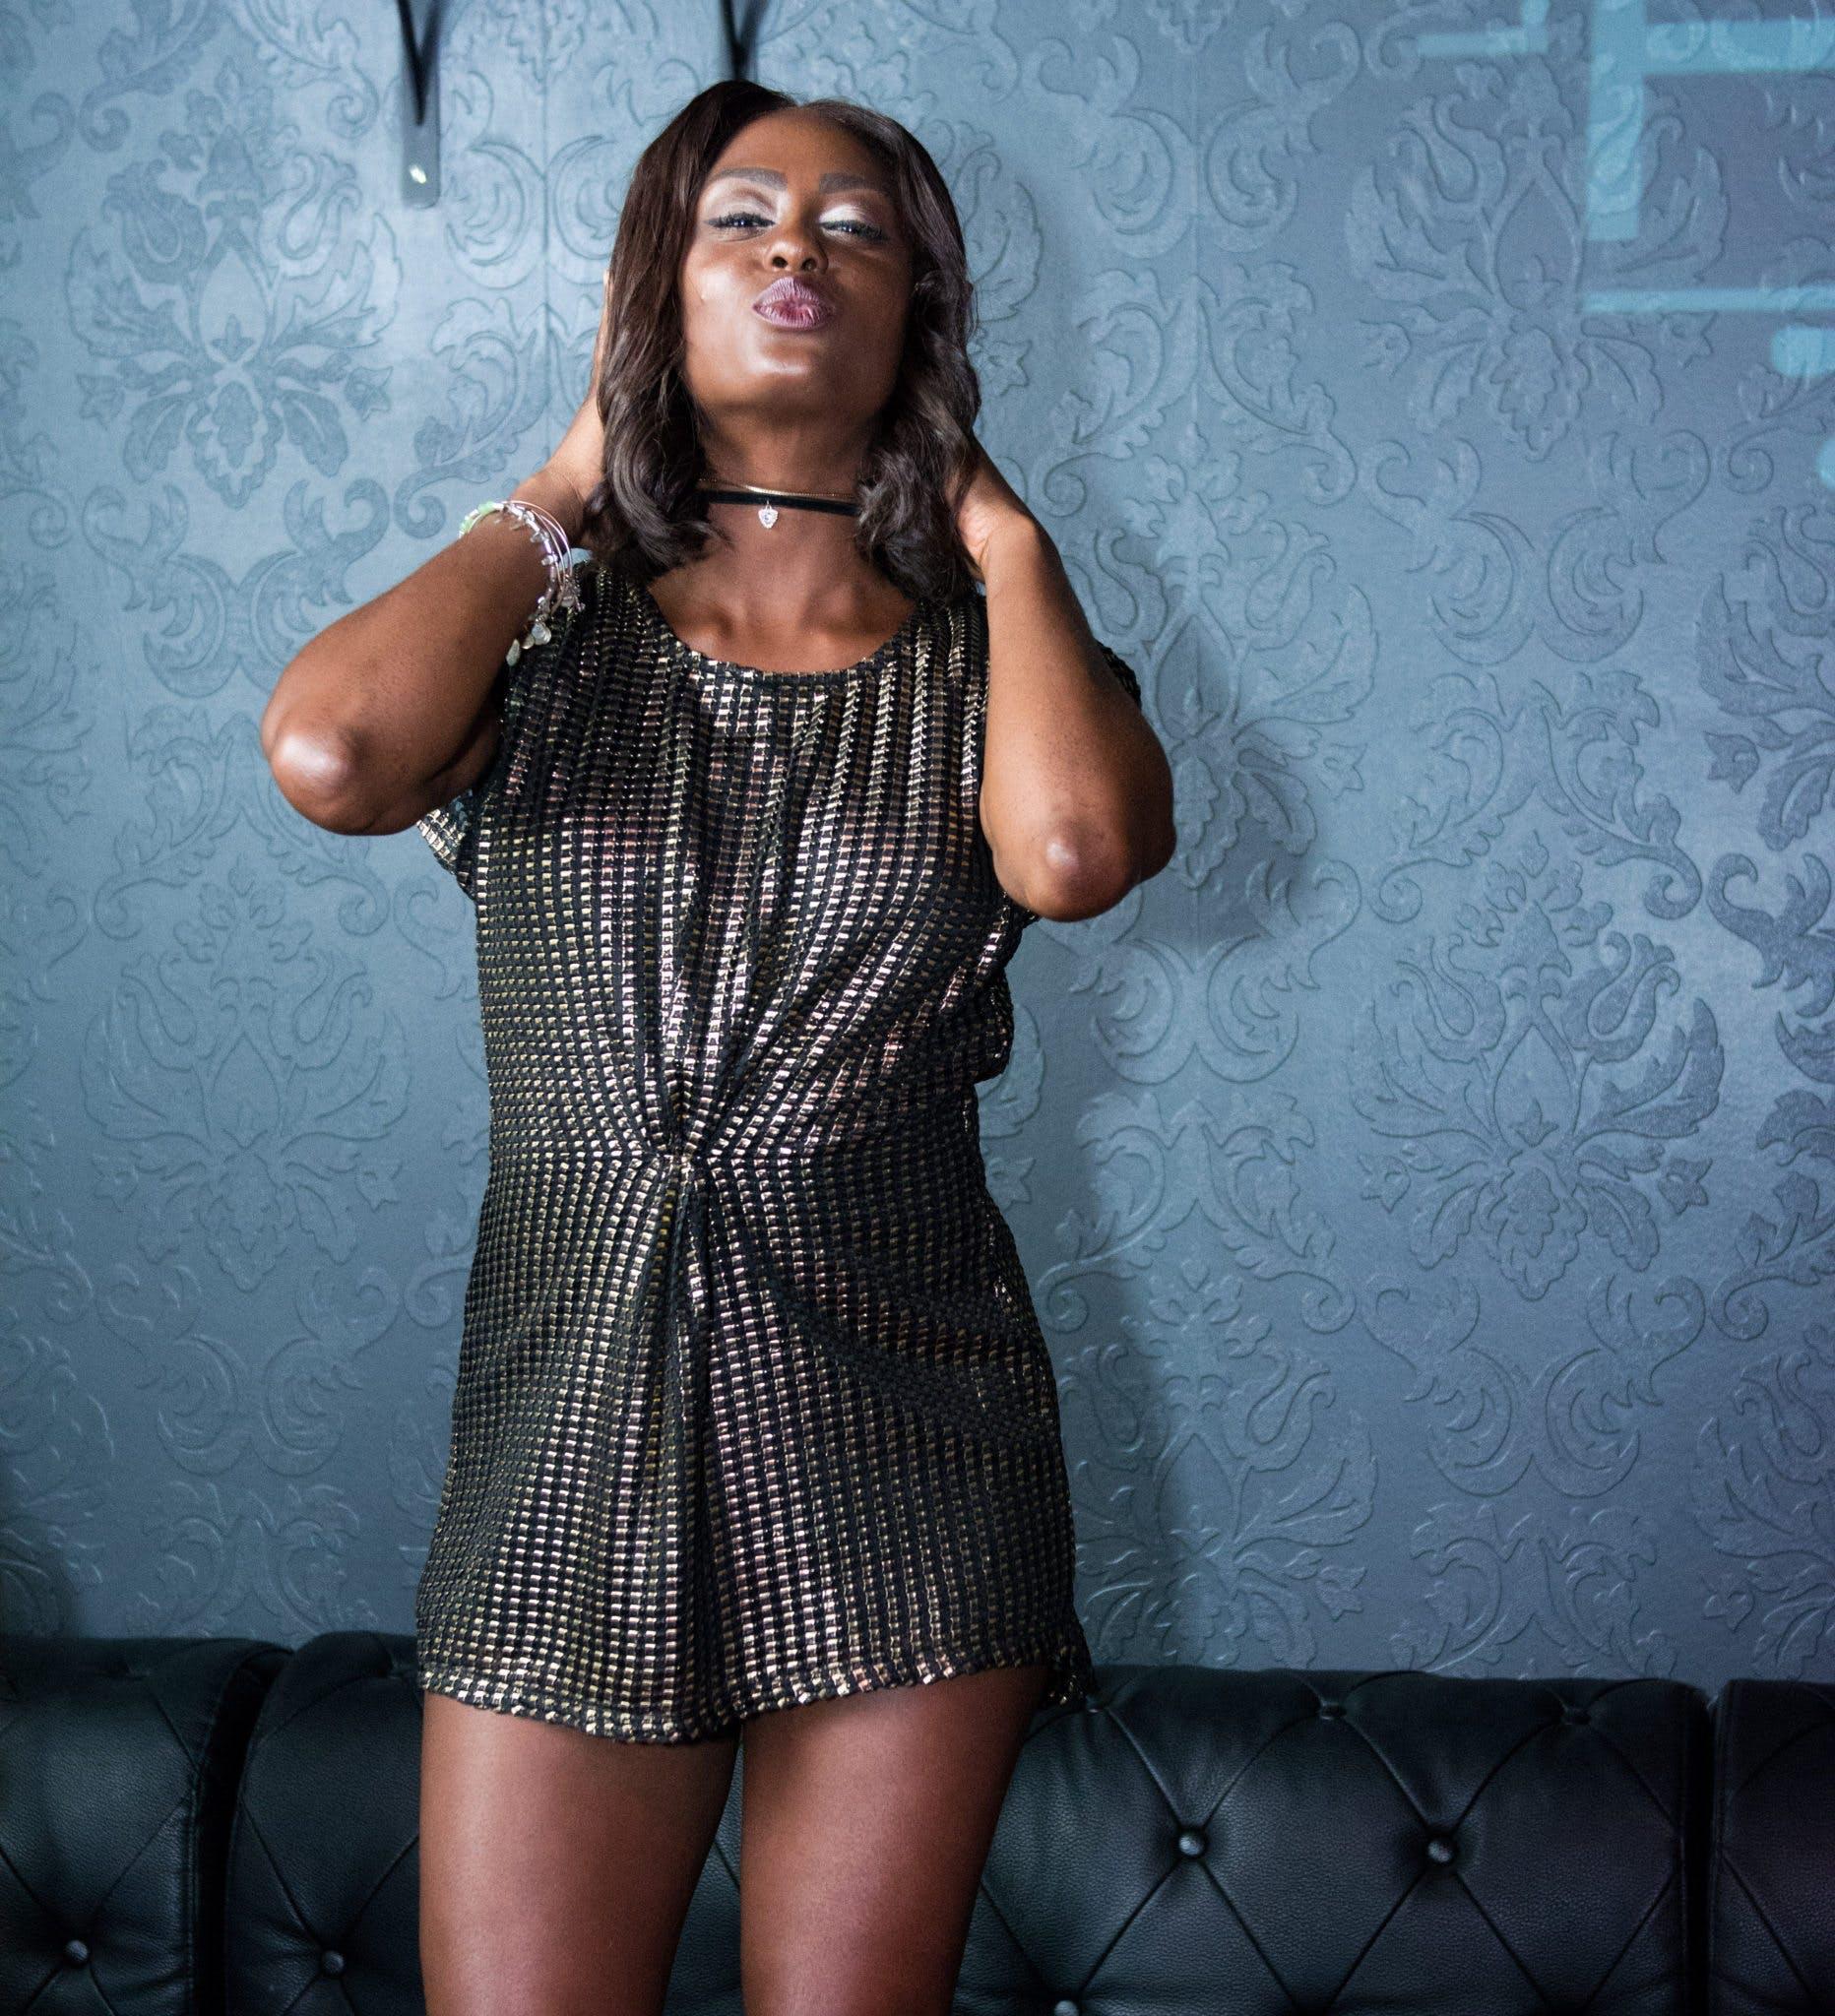 Kostenloses Stock Foto zu afroamerikaner-frau, attraktiv, dame, erwachsener